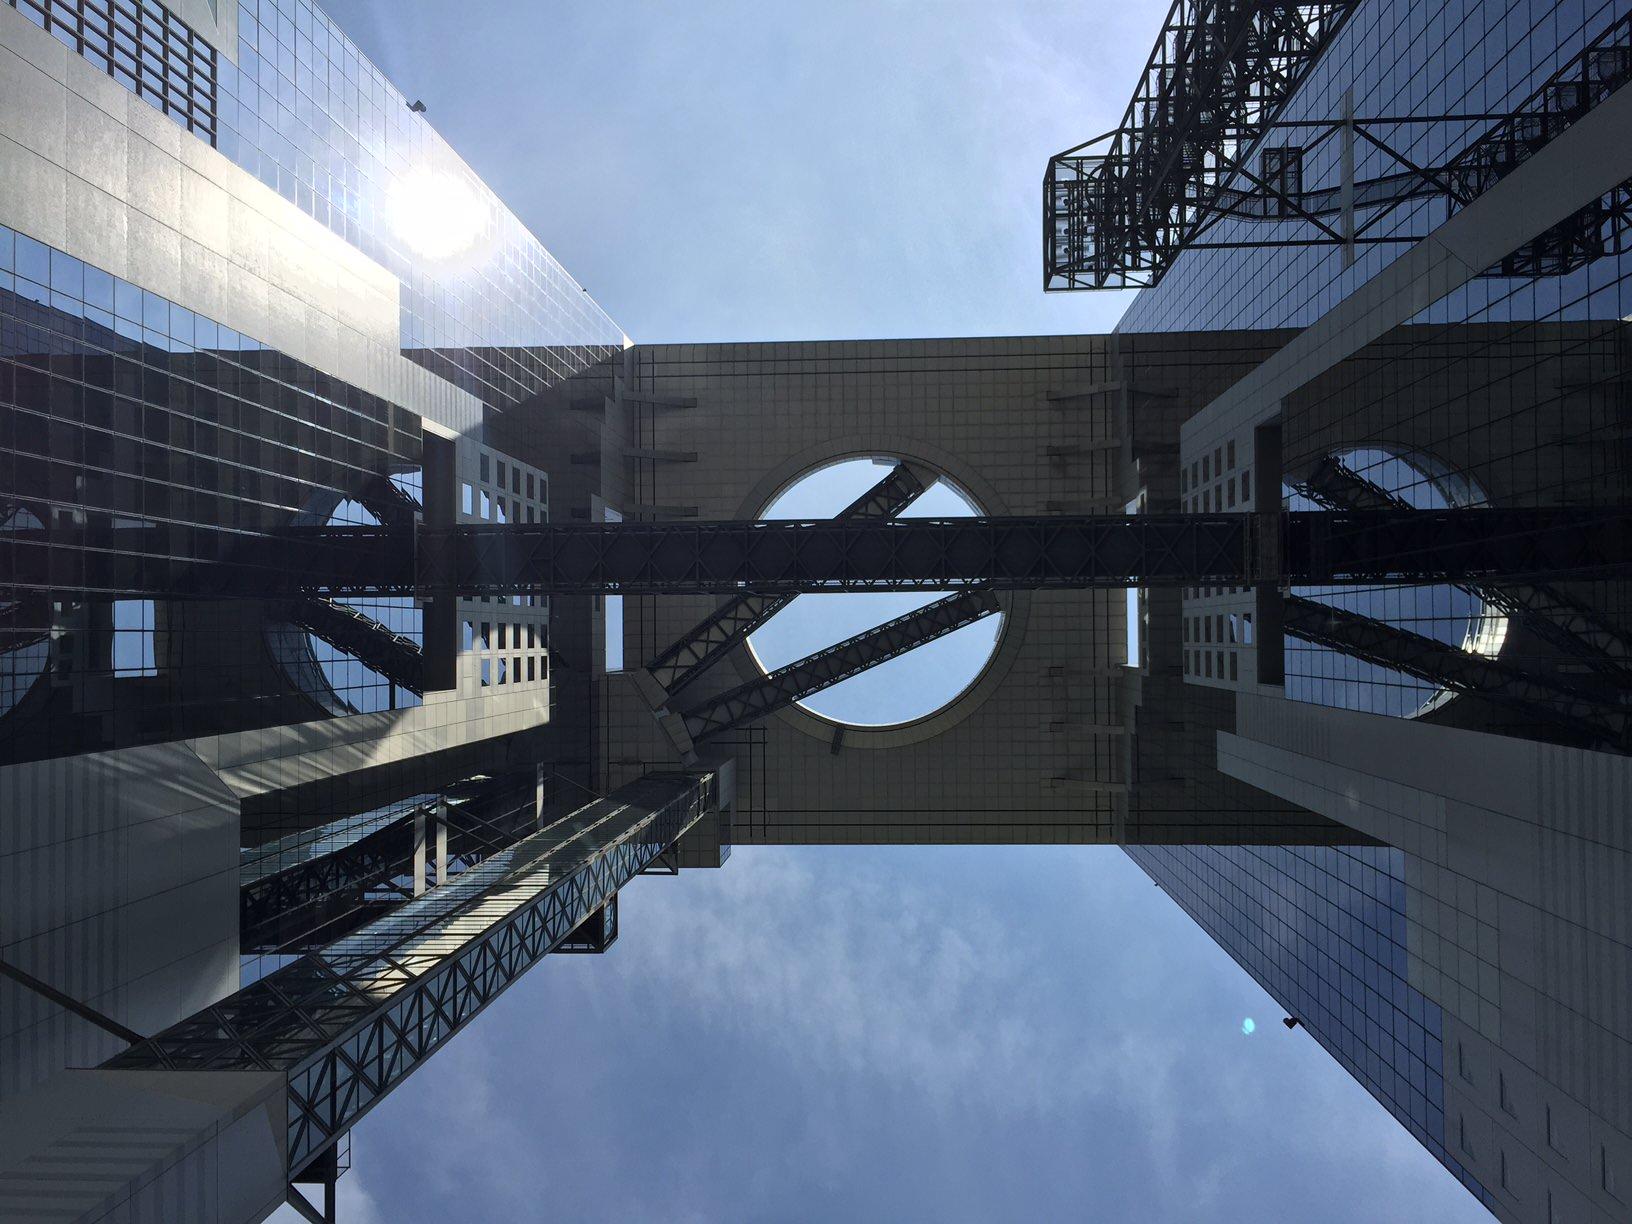 建物探訪 大阪2 梅田スカイビル